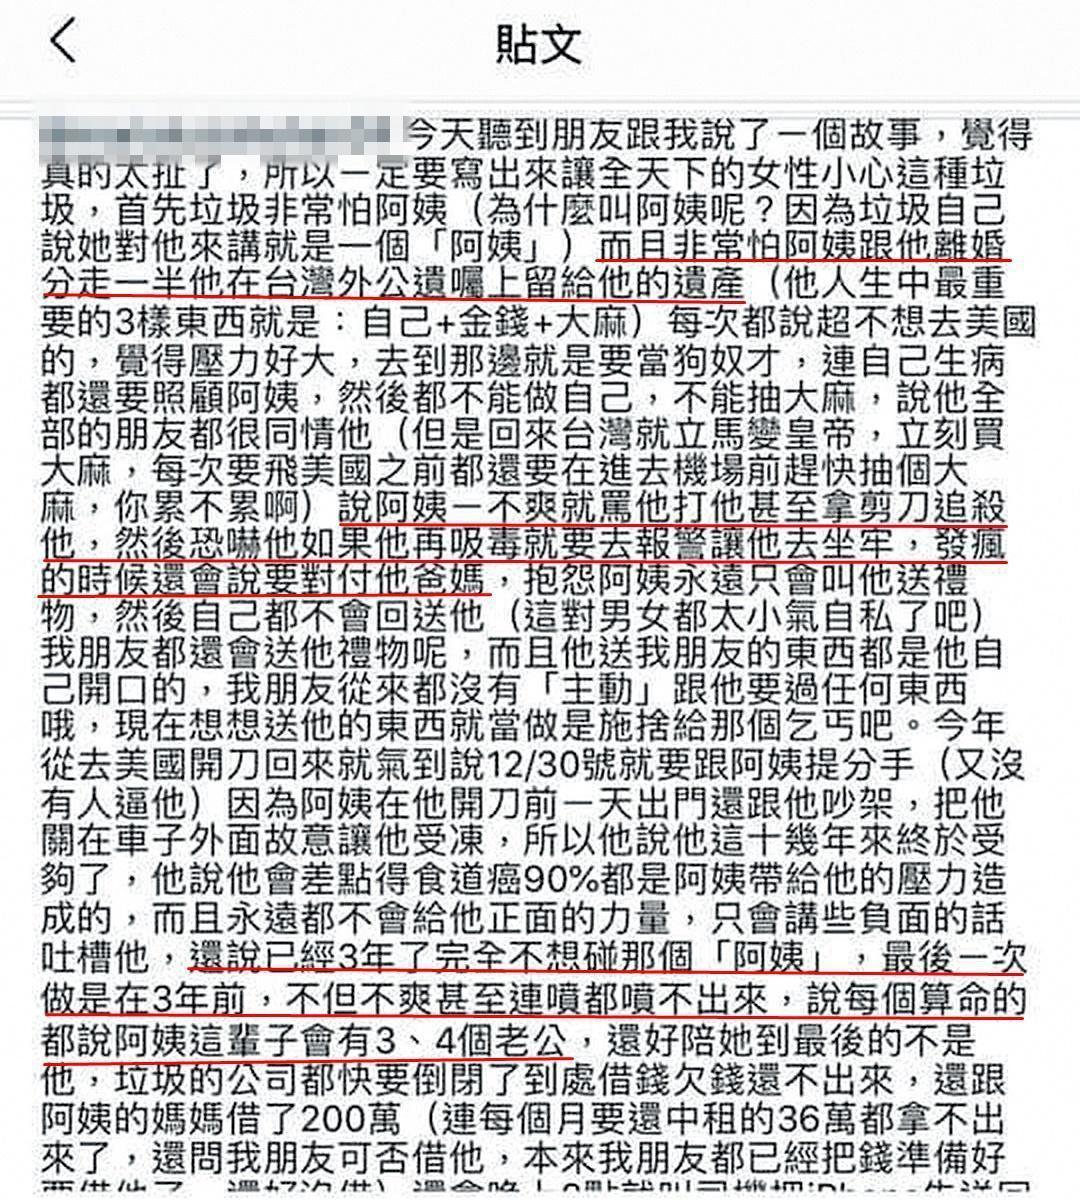 爆料文中,李仕凡被指是因為錢,才一直不跟孫瑩瑩離婚。(翻攝自Joanna臉書)